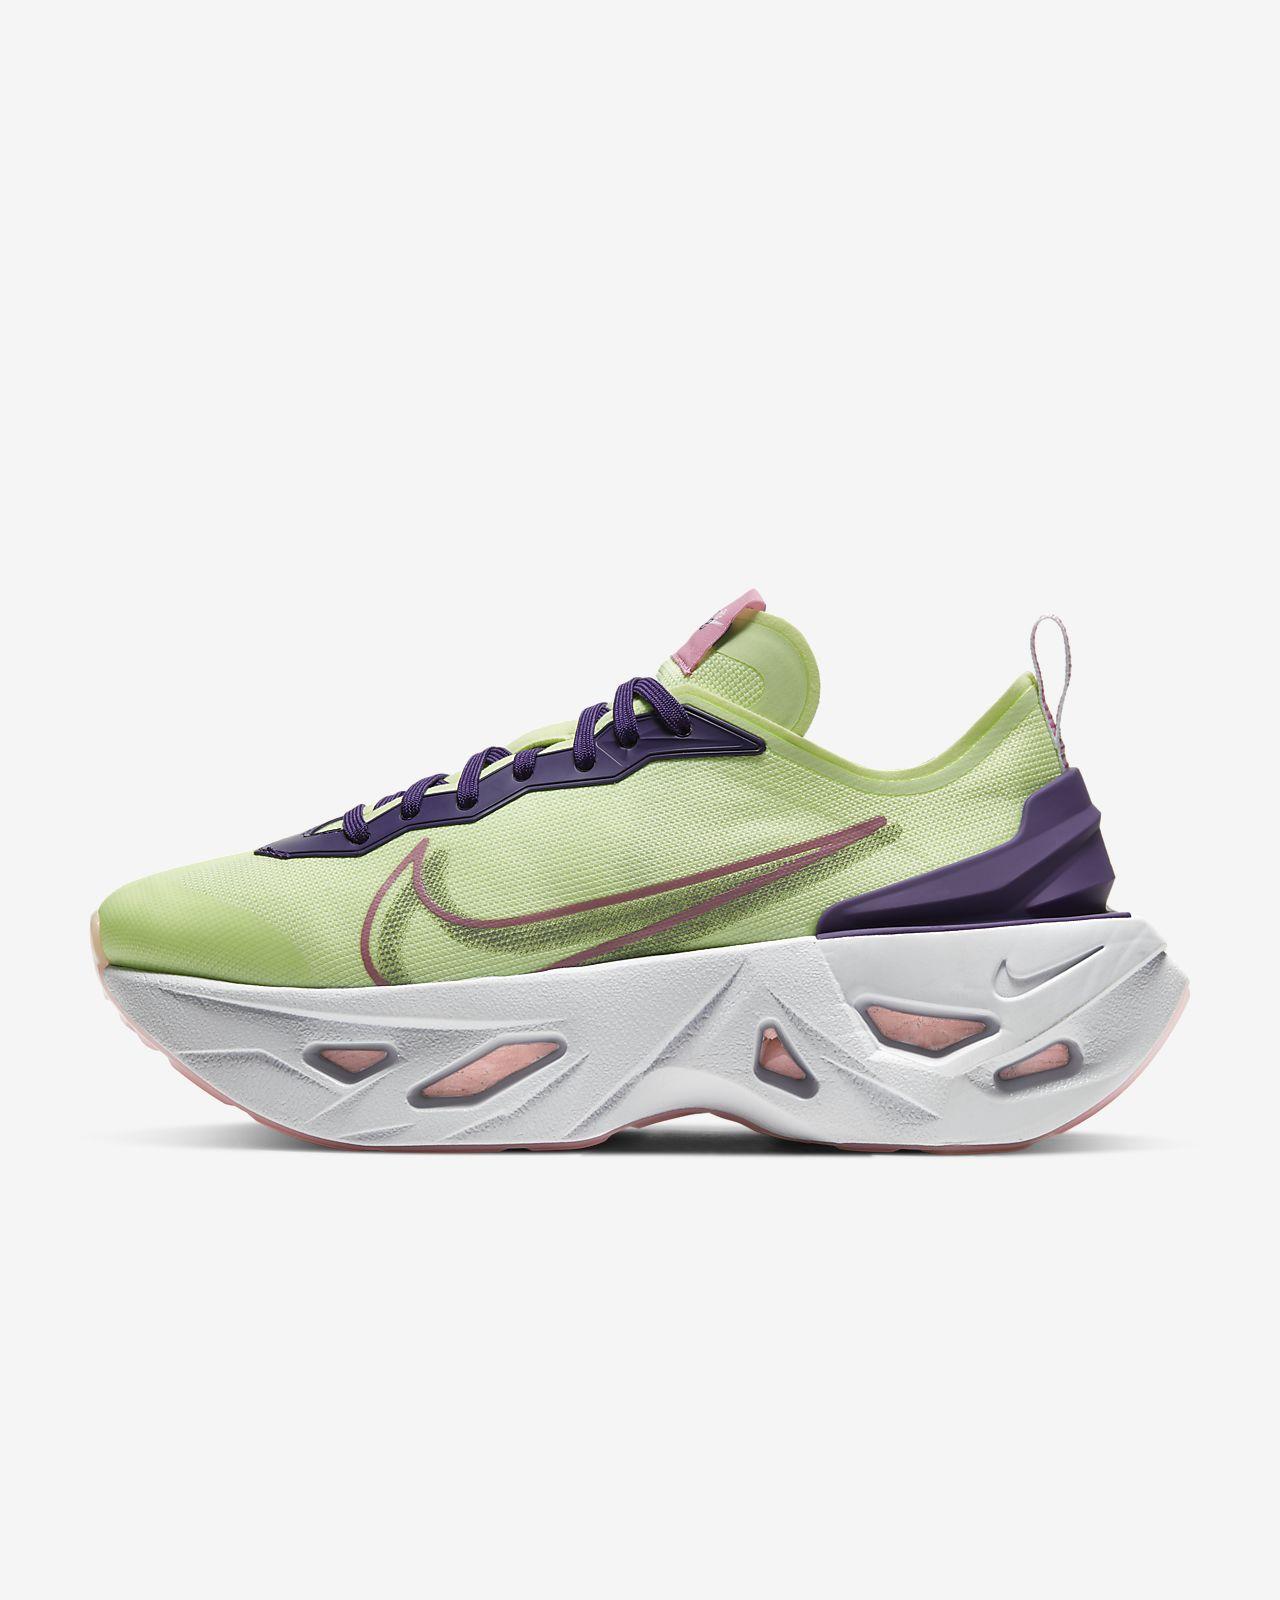 รองเท้าผู้หญิง Nike Zoom X Vista Grind